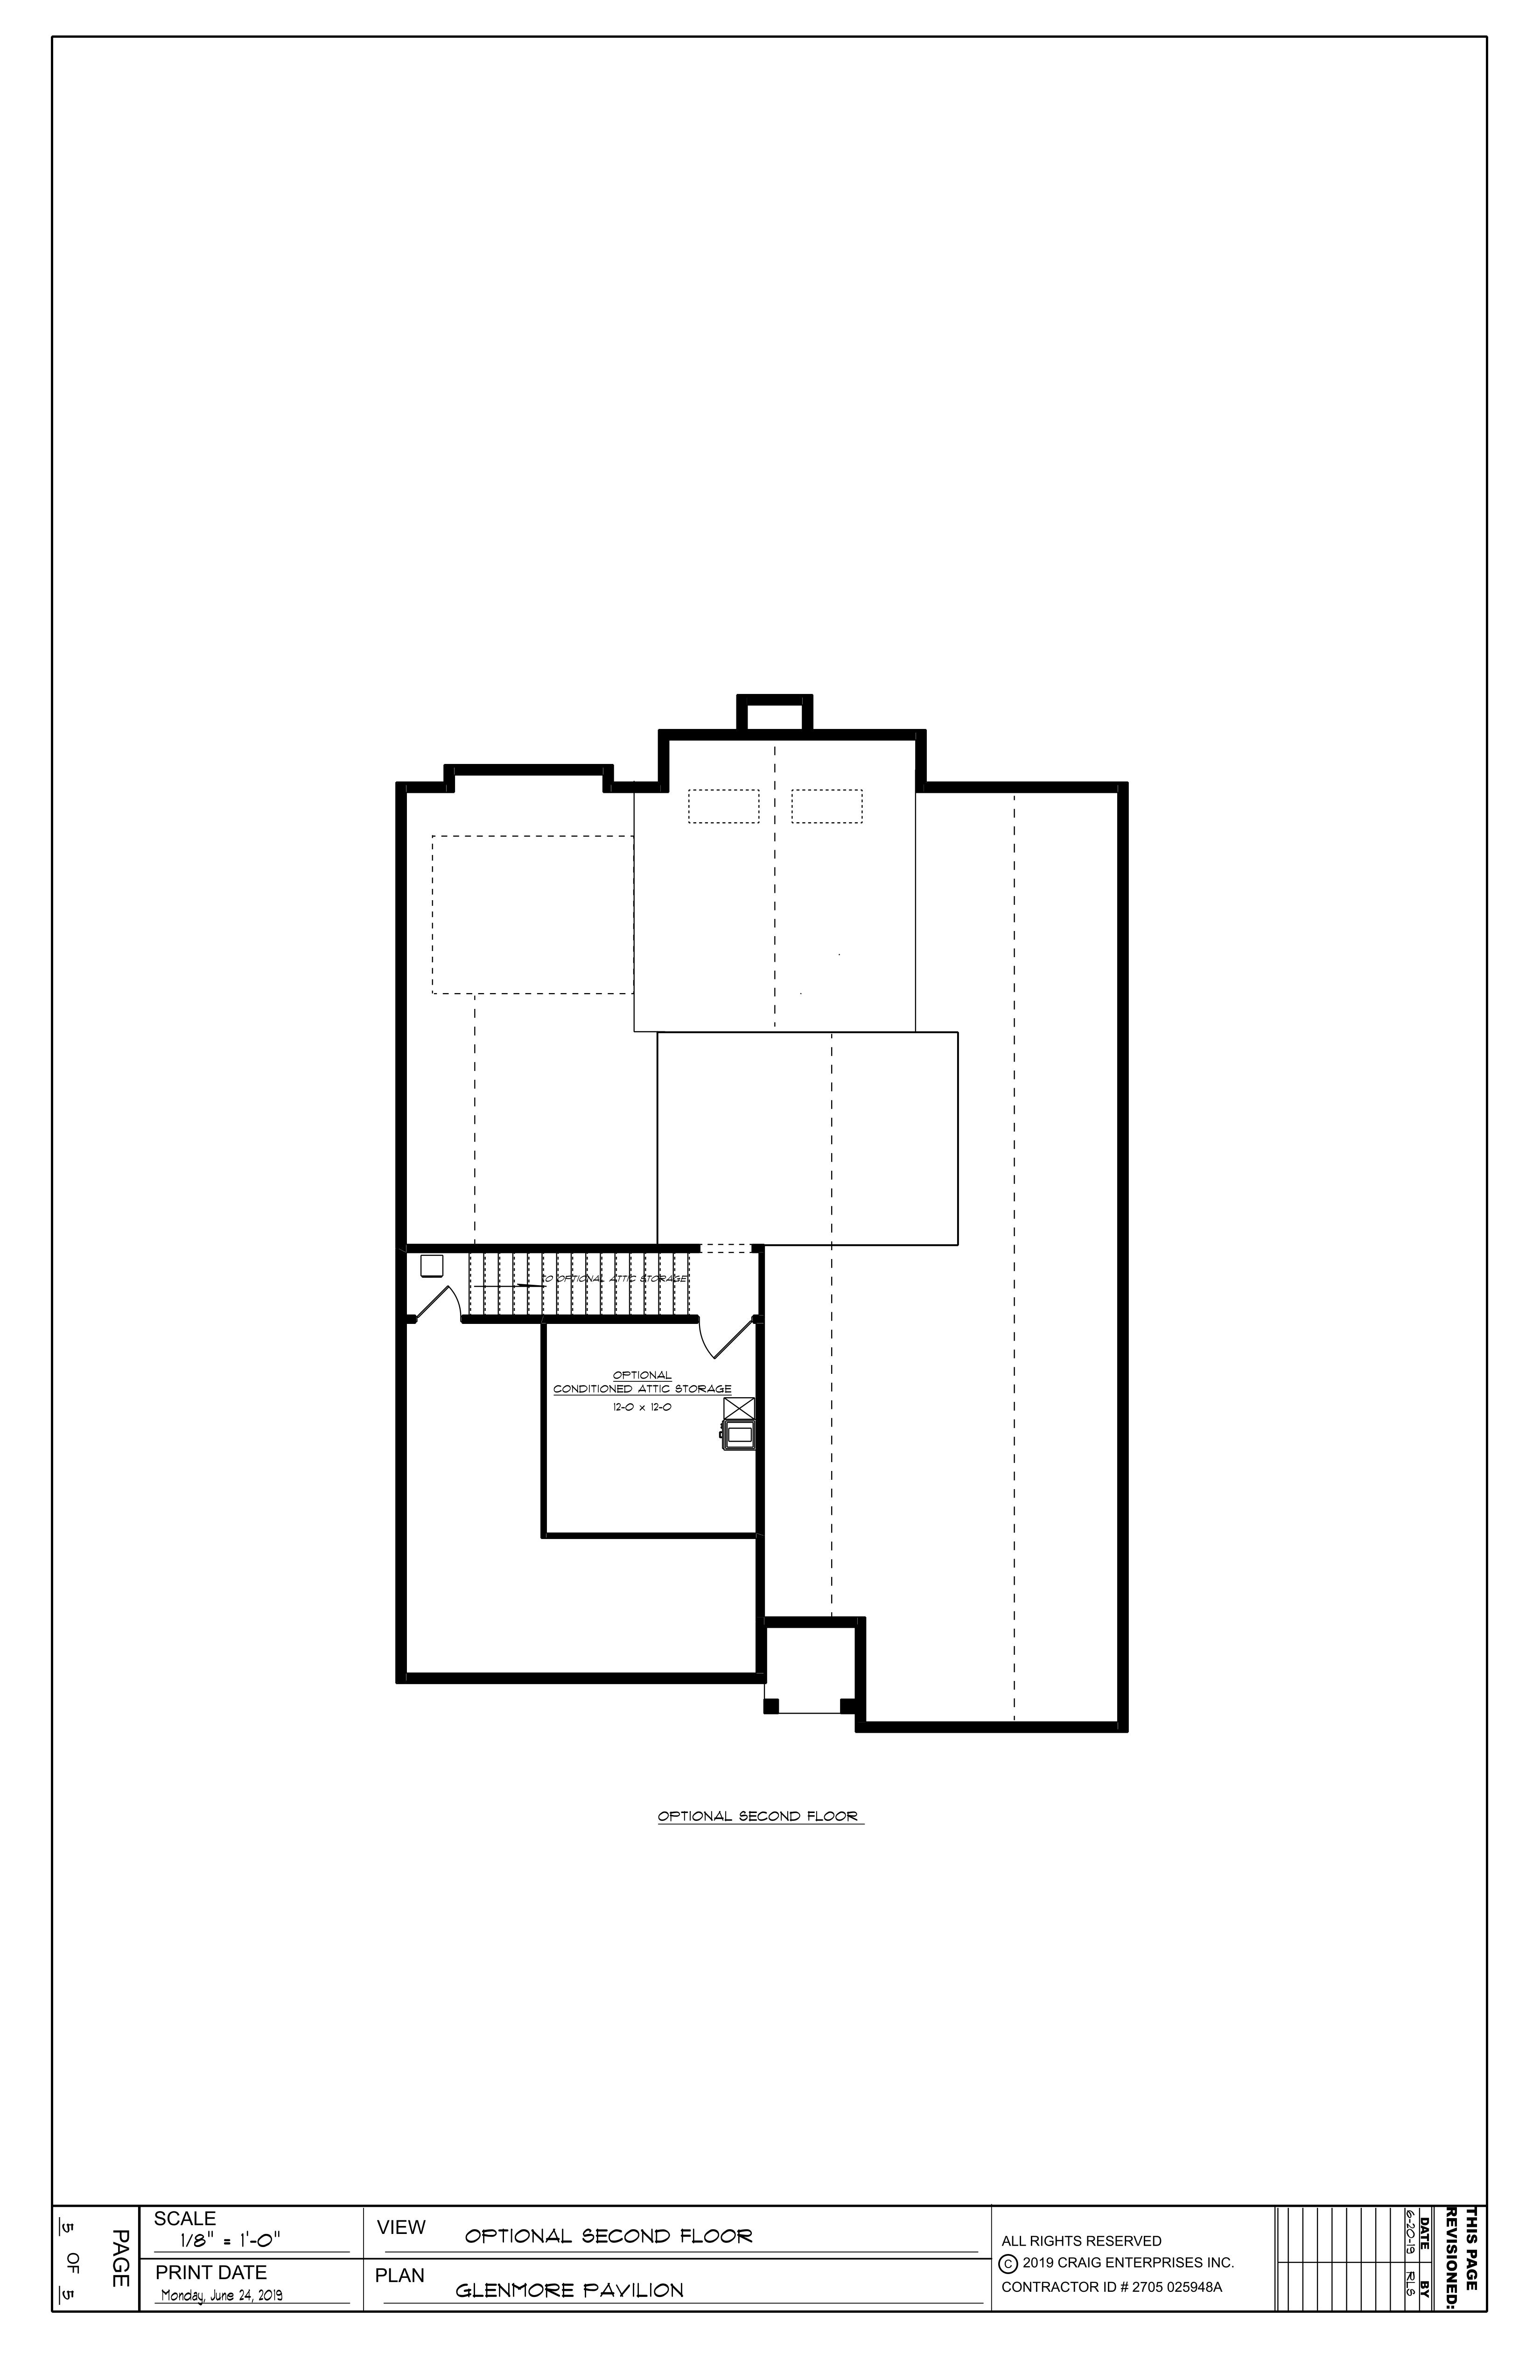 Image 2 - Craig Builders home in Glenmore (albemarle)